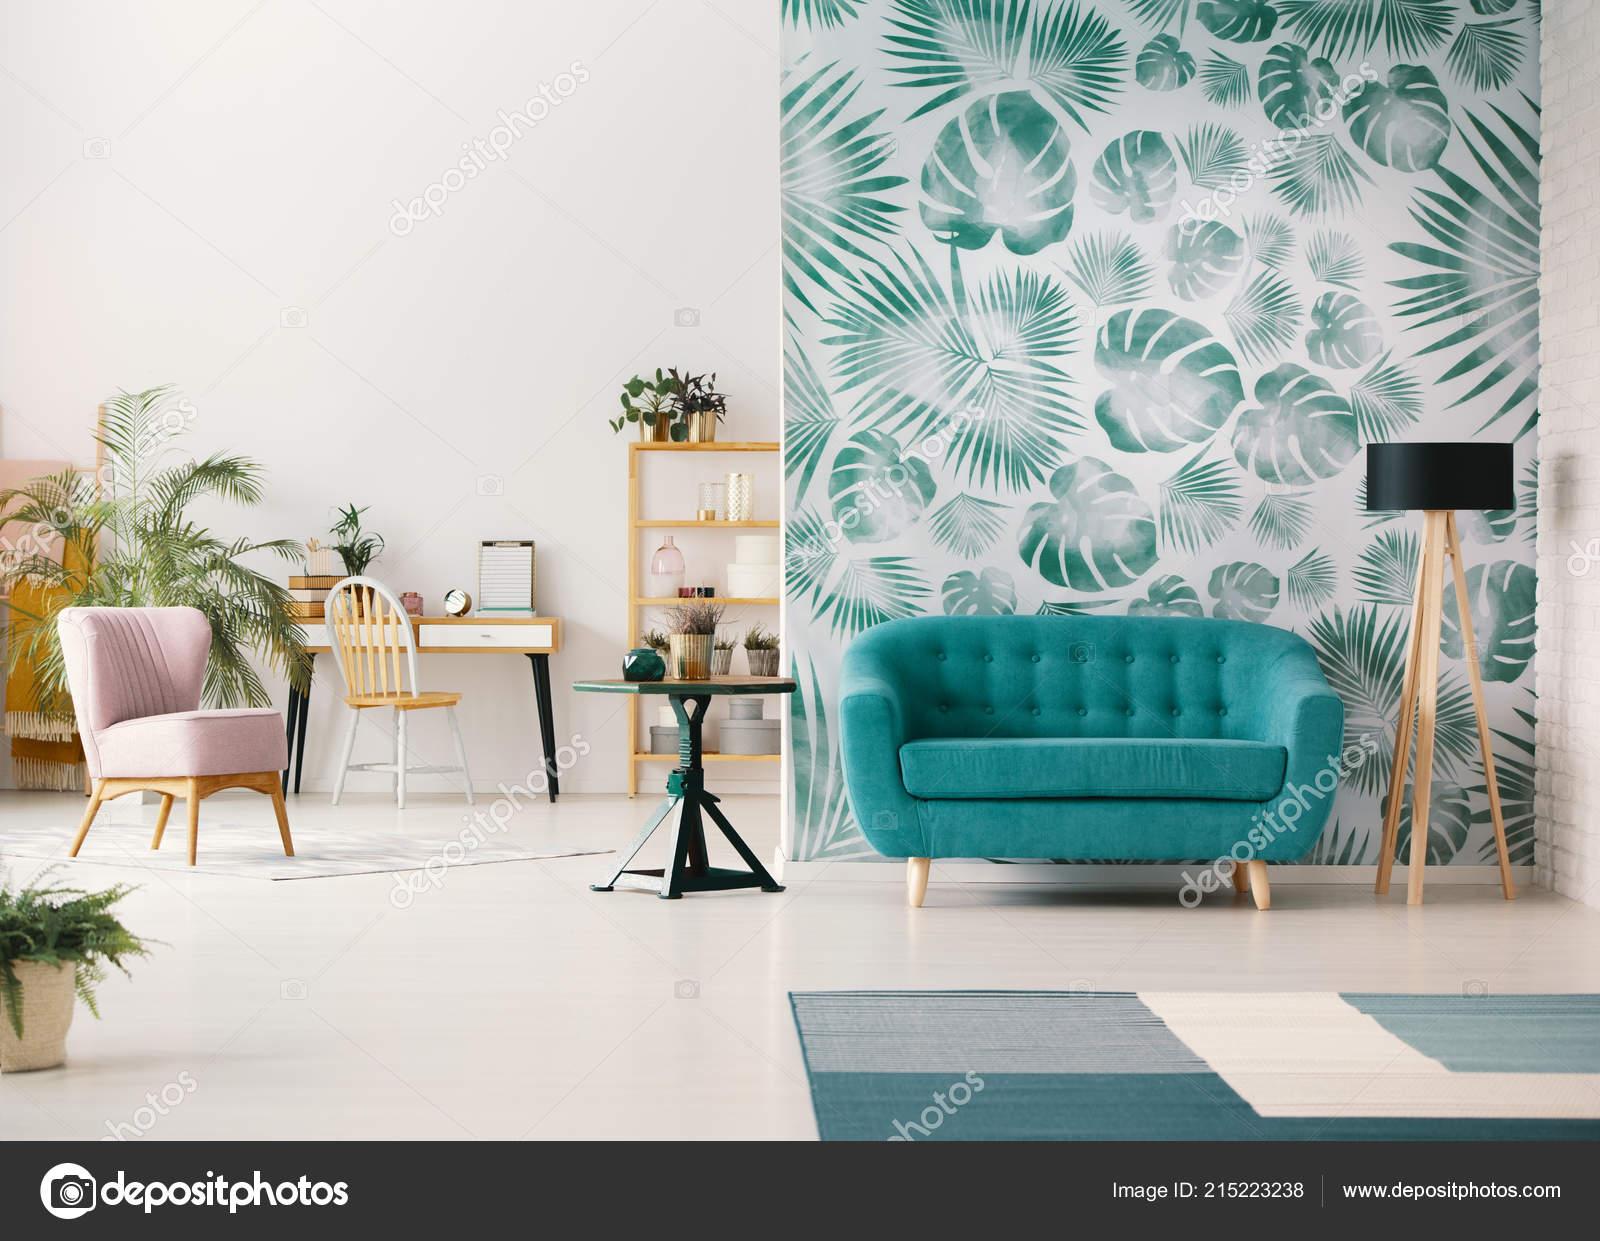 Weiße Wohnzimmer Interieur Mit Grünen Tapete Das Realistische Foto ...